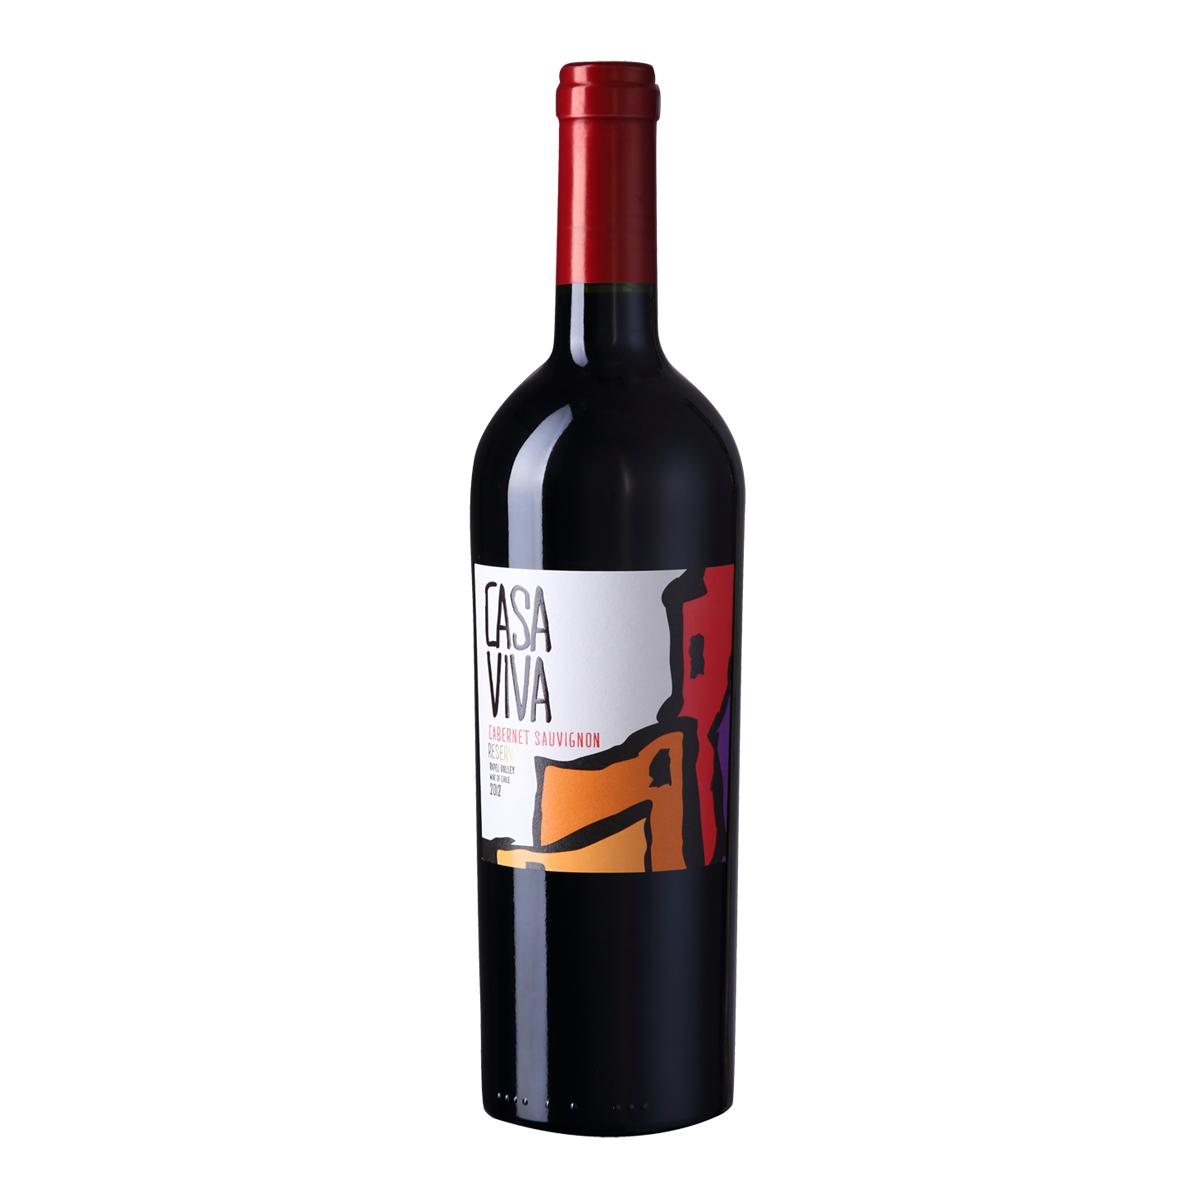 卡萨天堂赤霞珠珍藏干红葡萄酒